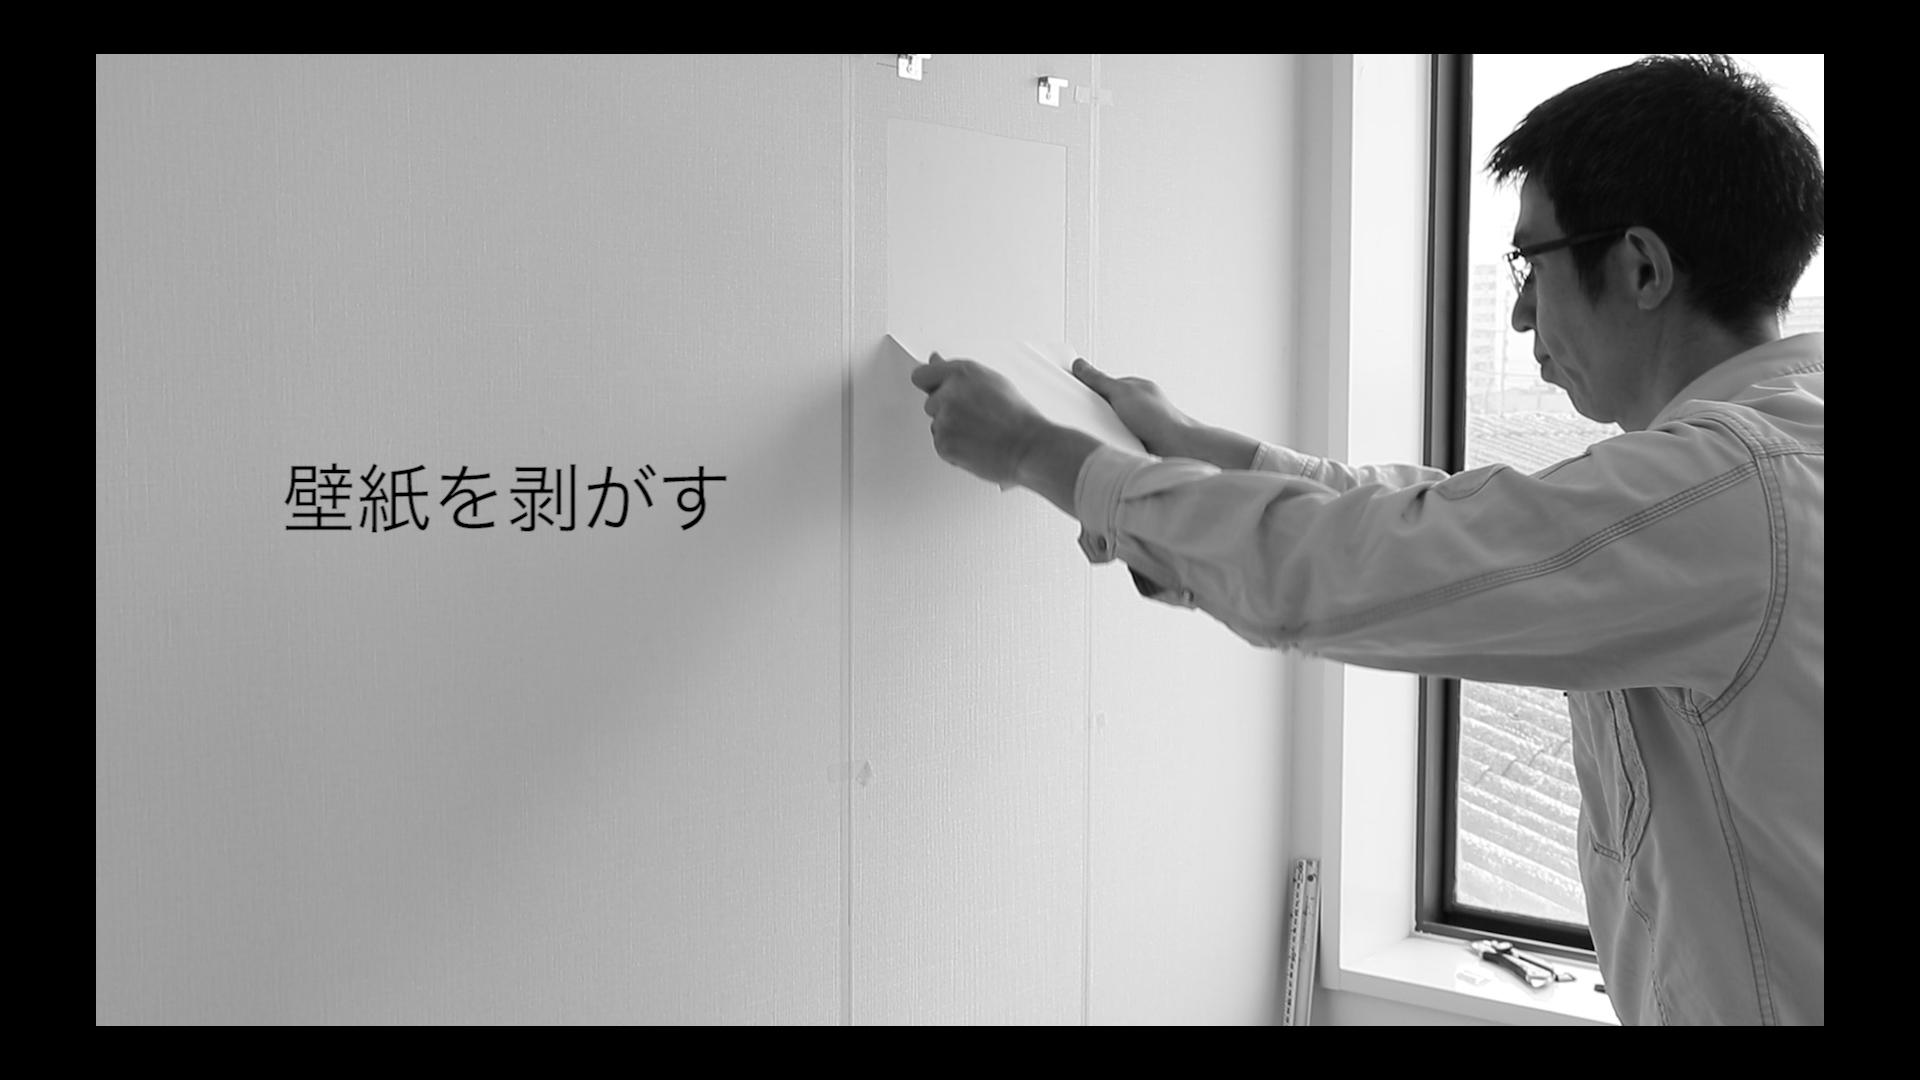 3.壁面の仕上げがクロス(壁紙)の場合はクロスをめくる